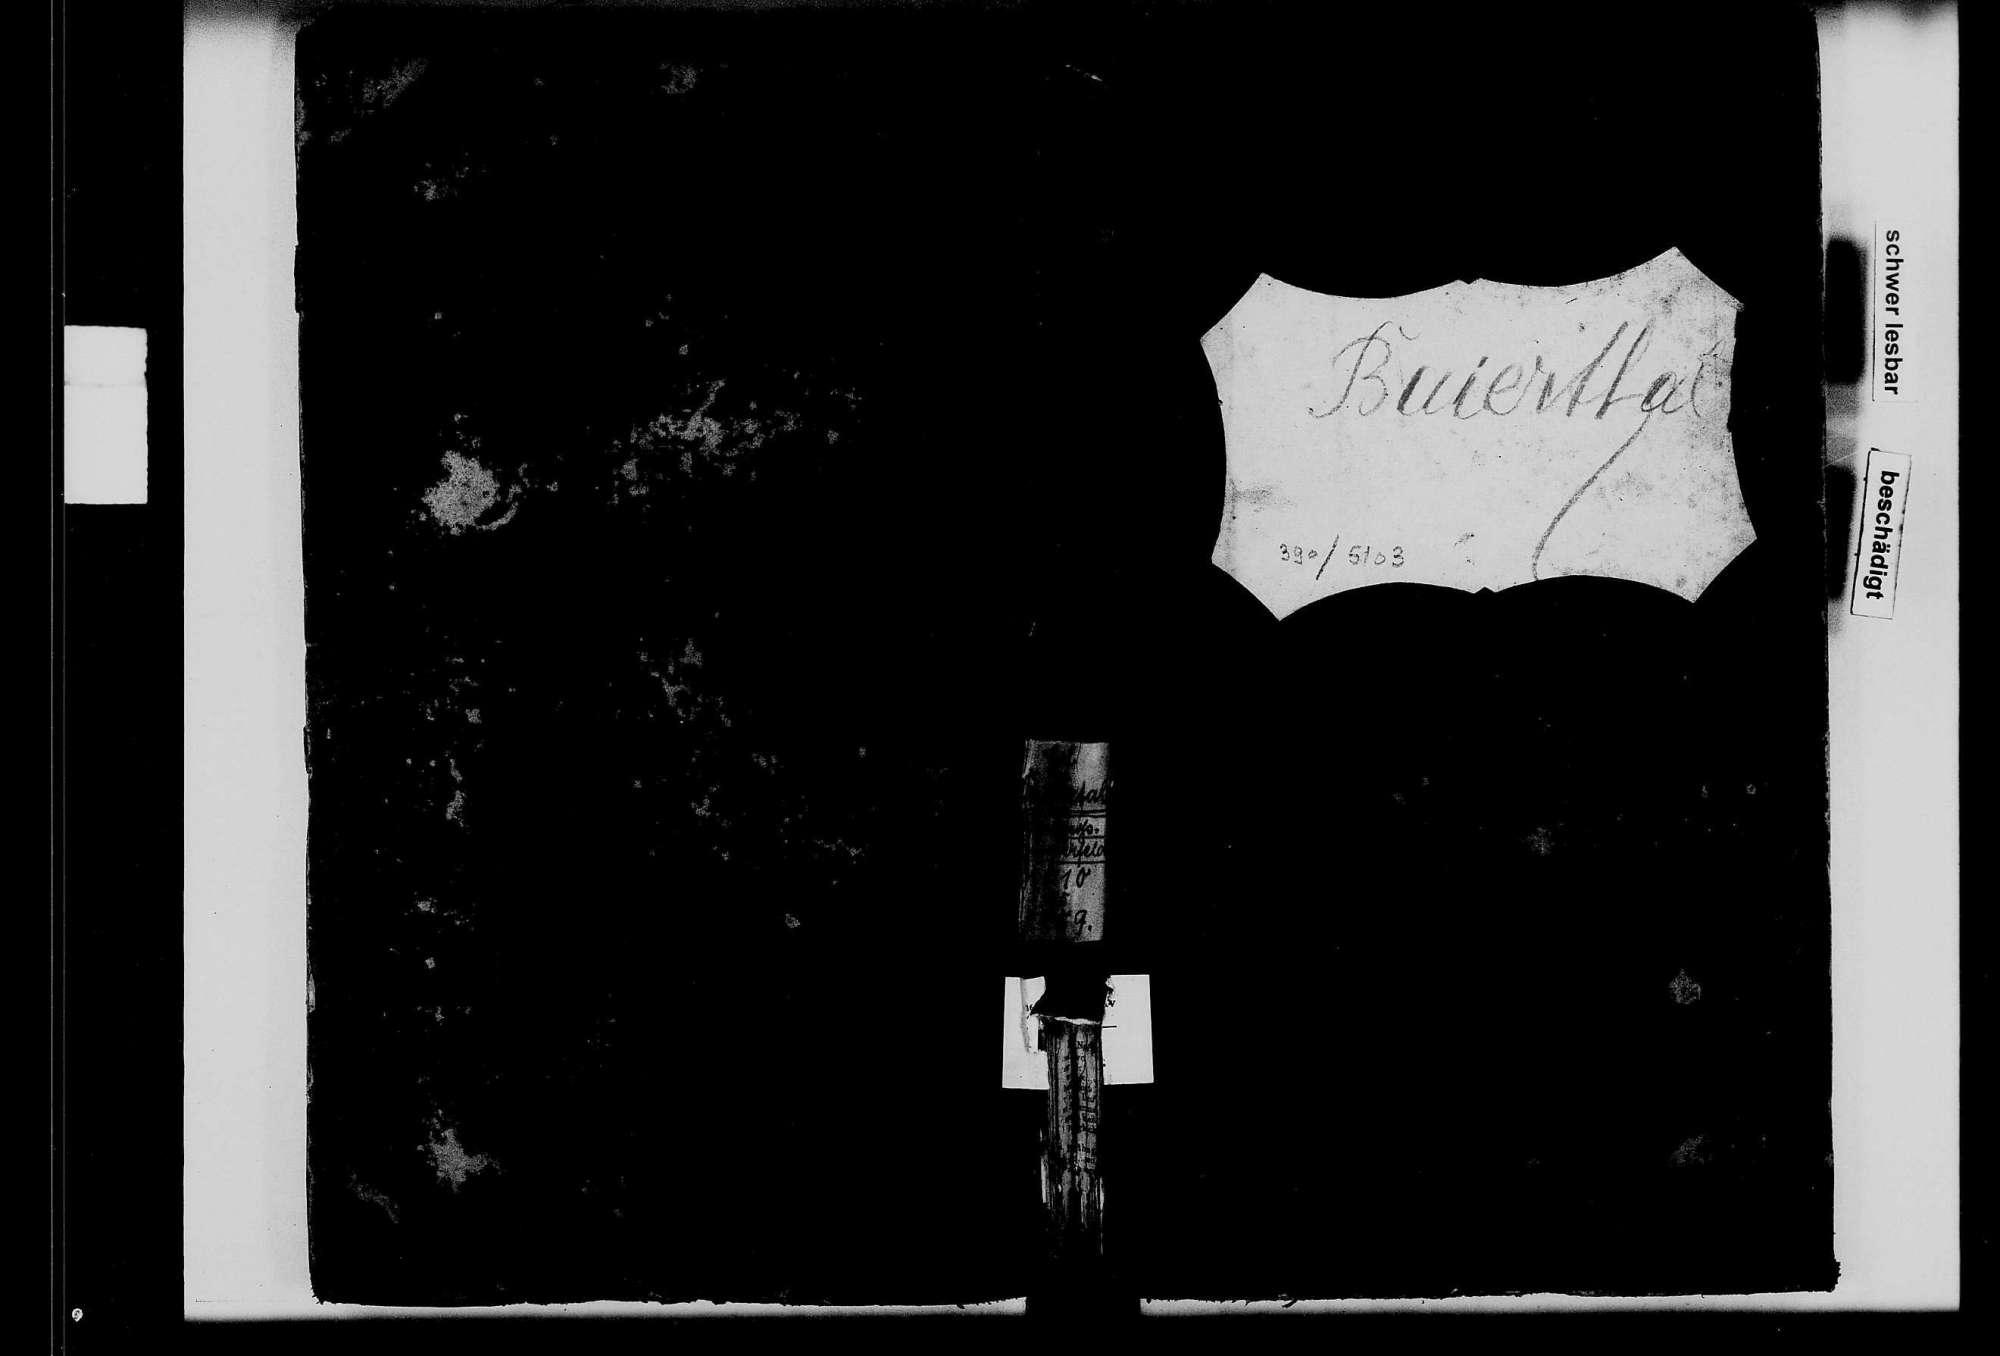 Großrinderfeld, Ortsteil Hof Baiertal, katholische Gemeinde: Standesbuch 1810-1859, Bild 2